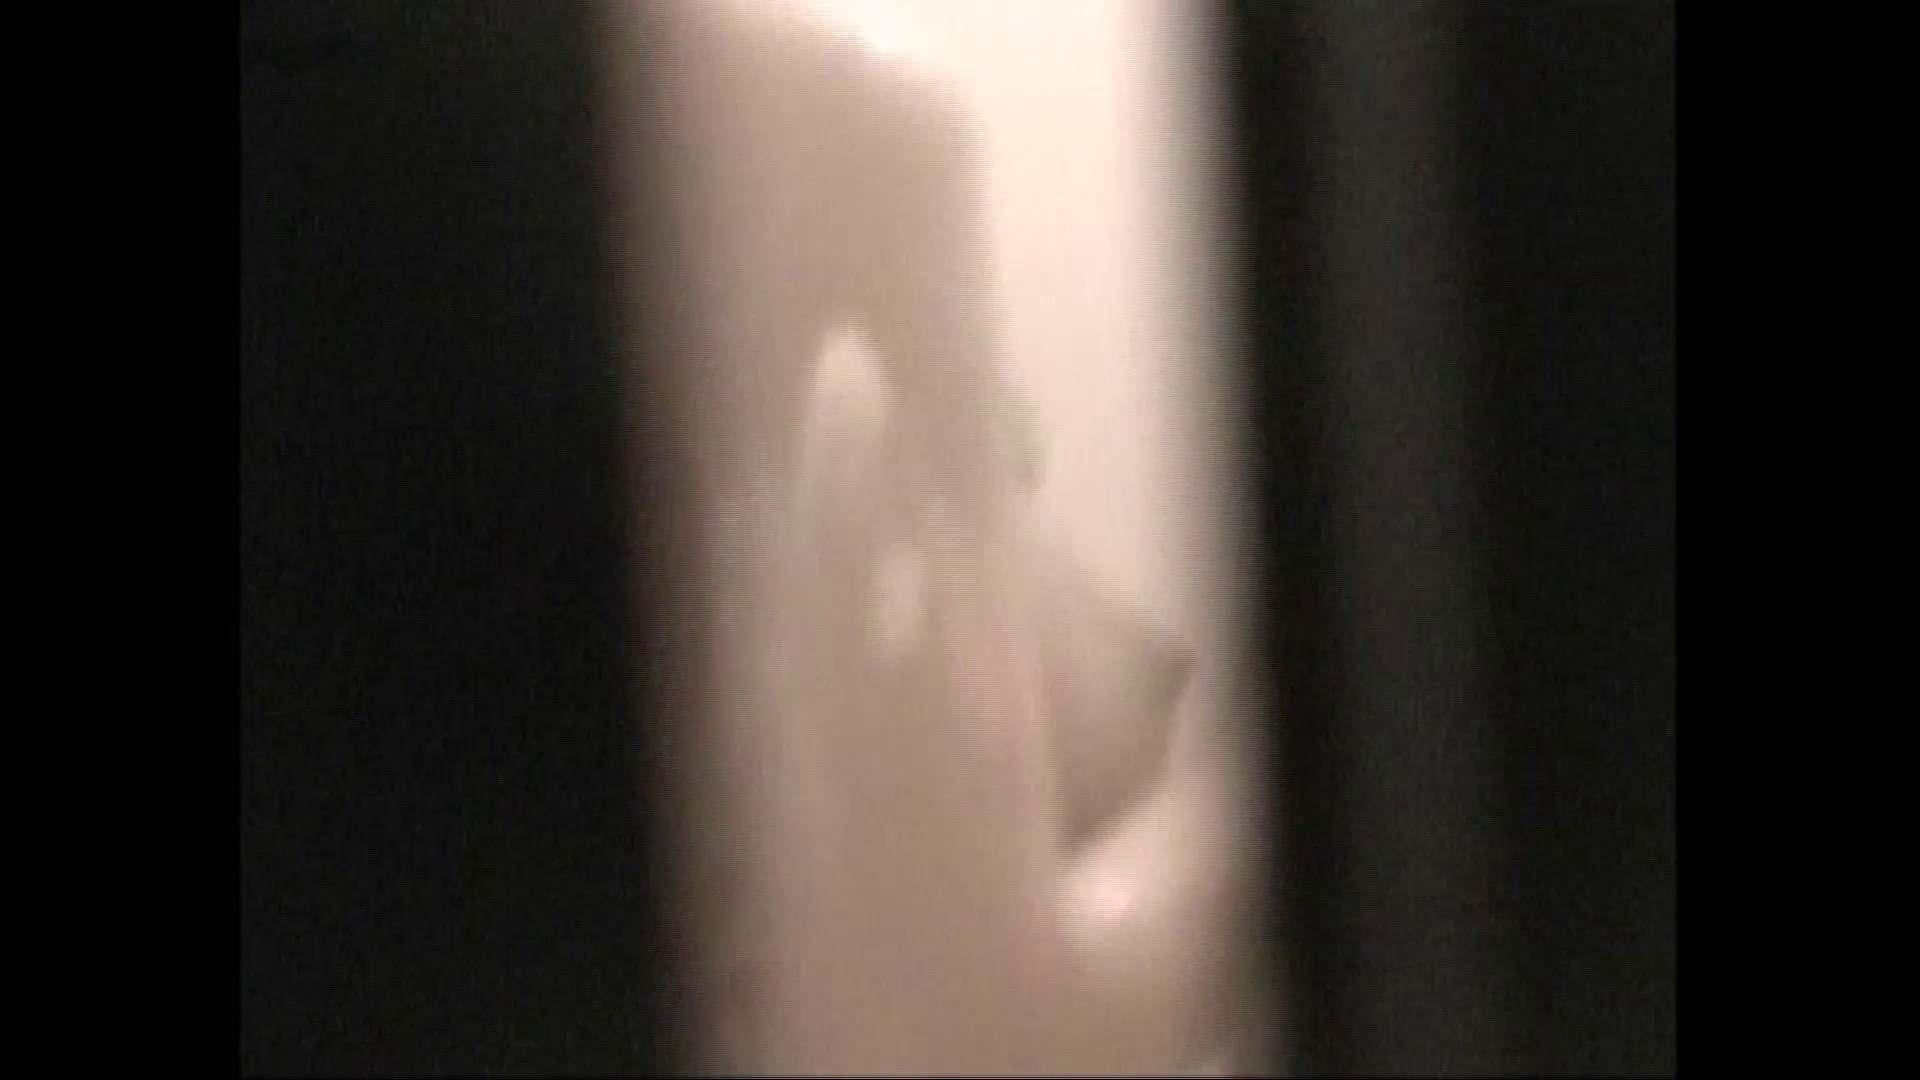 隙間からノゾク風呂 Vol.29 股をグイッとひらいて・・・。 OL   入浴シーン  89連発 50